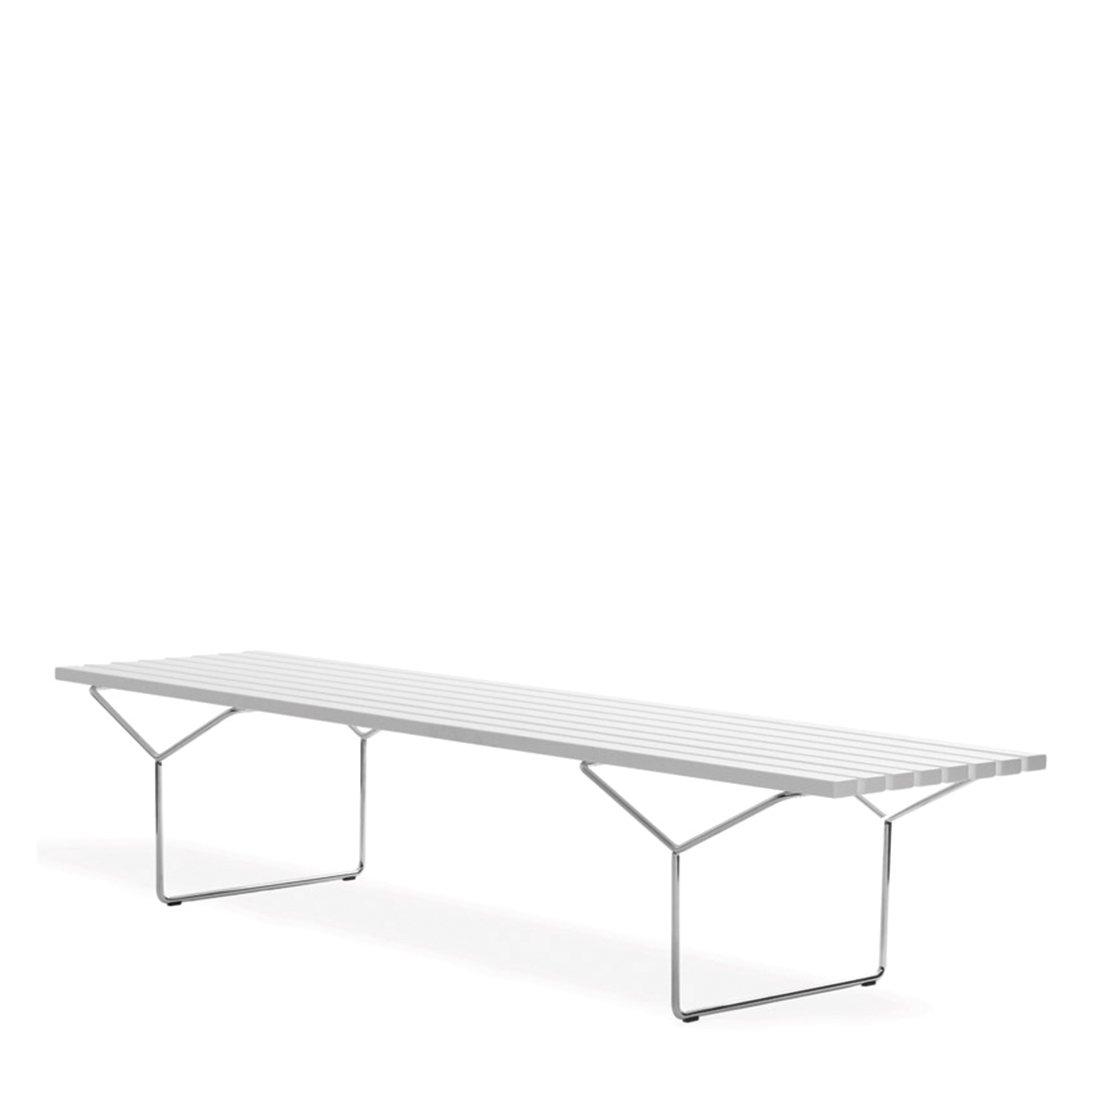 Knoll Outdoor Bertoia Bench - Acrylic Stone/RVS